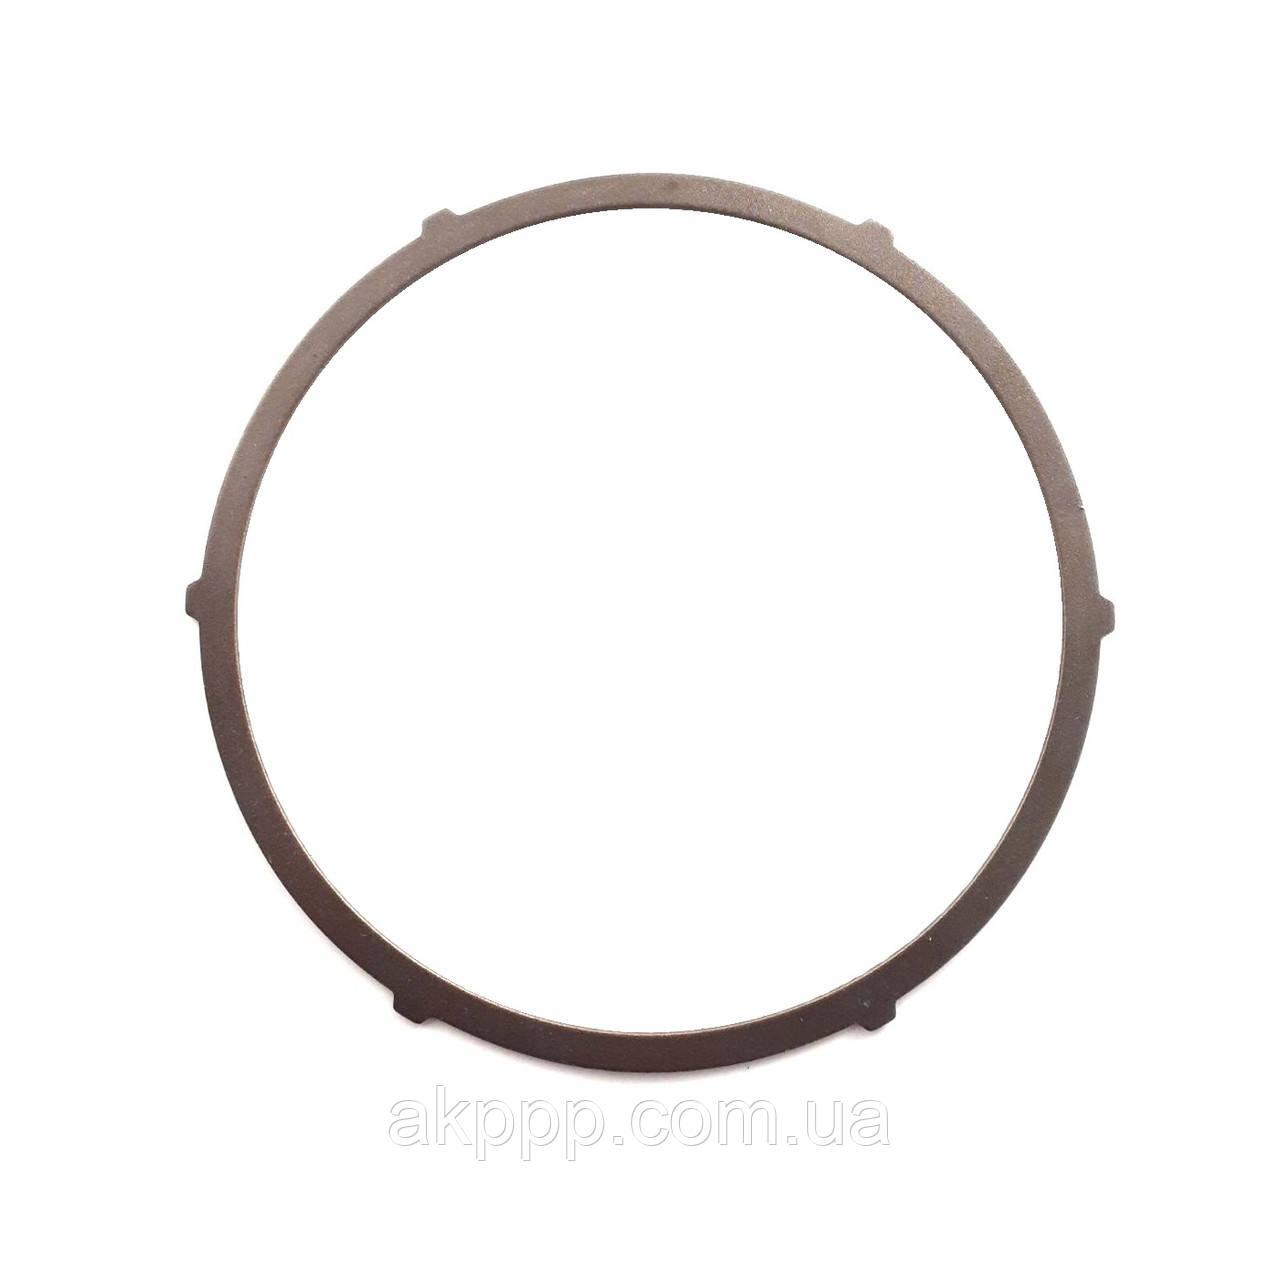 Стальной диск акпп 5L40E волнистый (2/160/174 мм) б/у